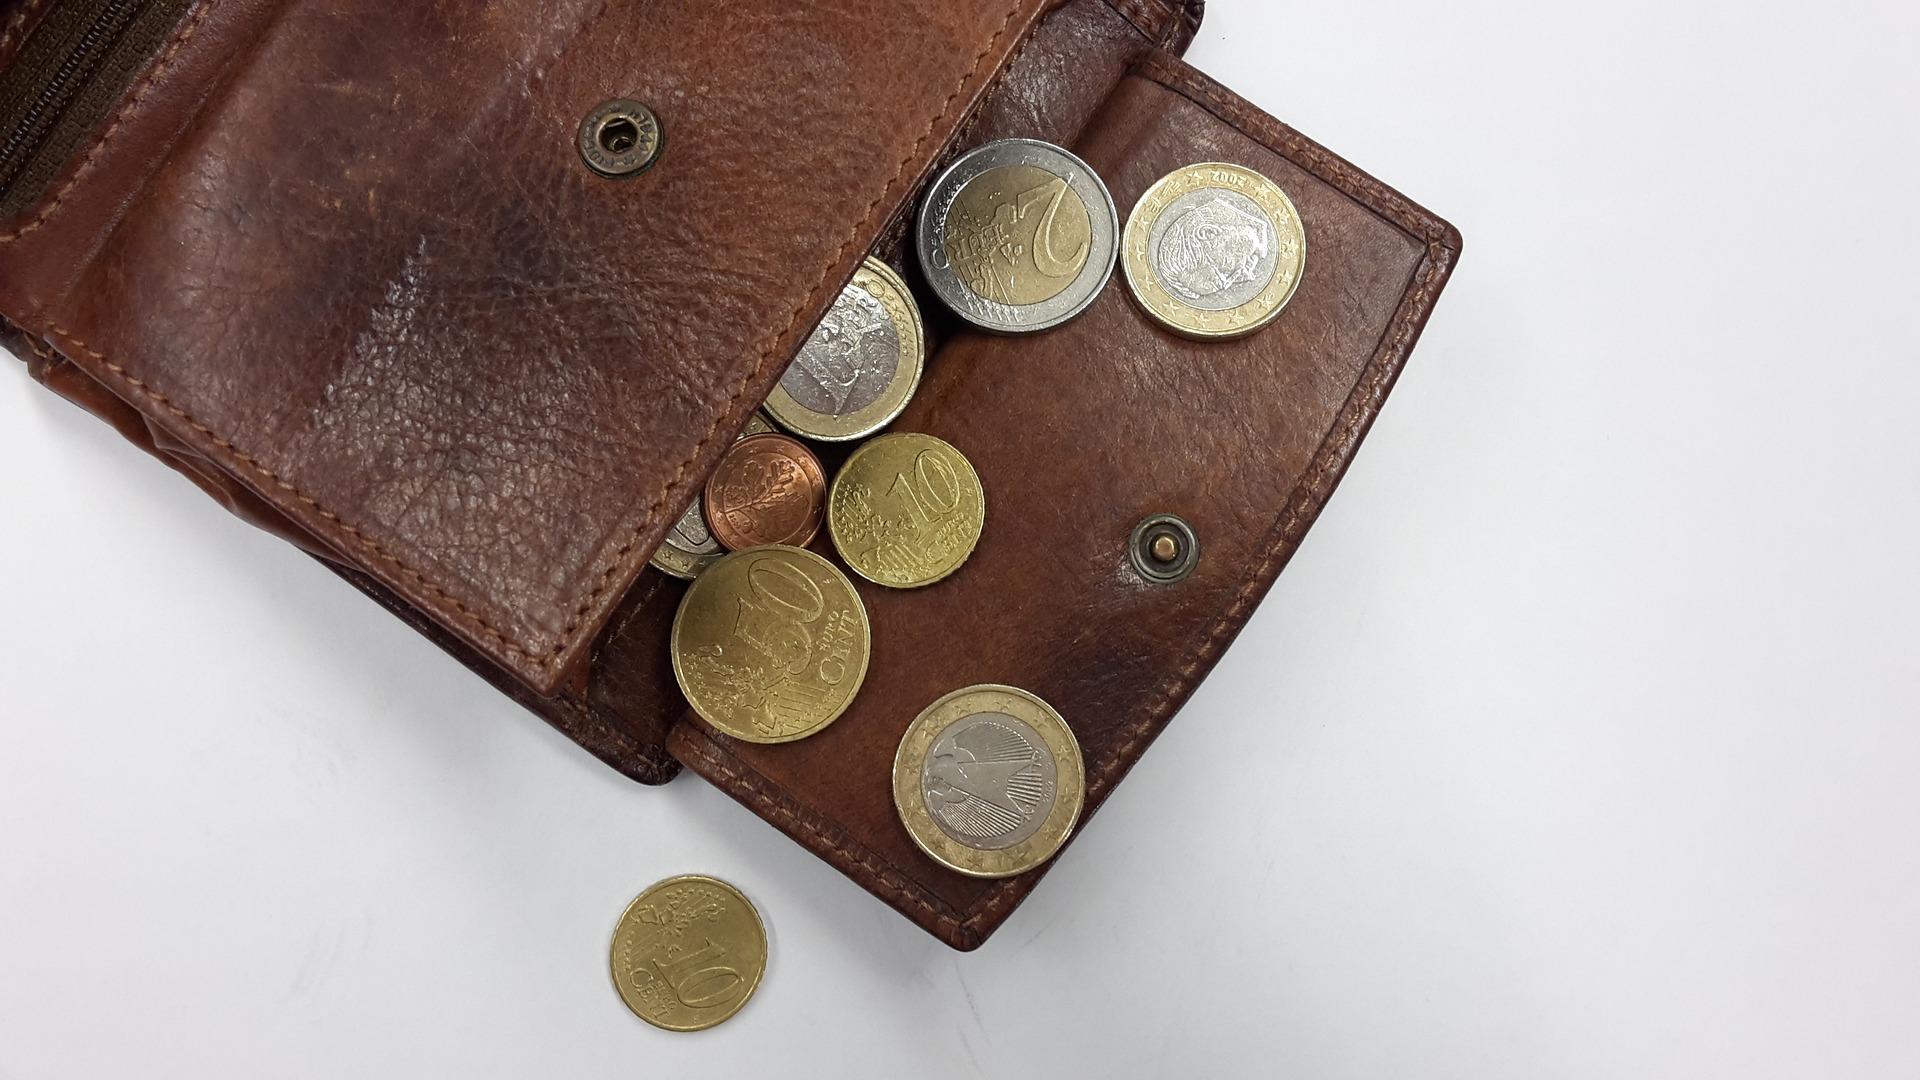 Existujú nebankové pôžičky bez registra dlžníkov?